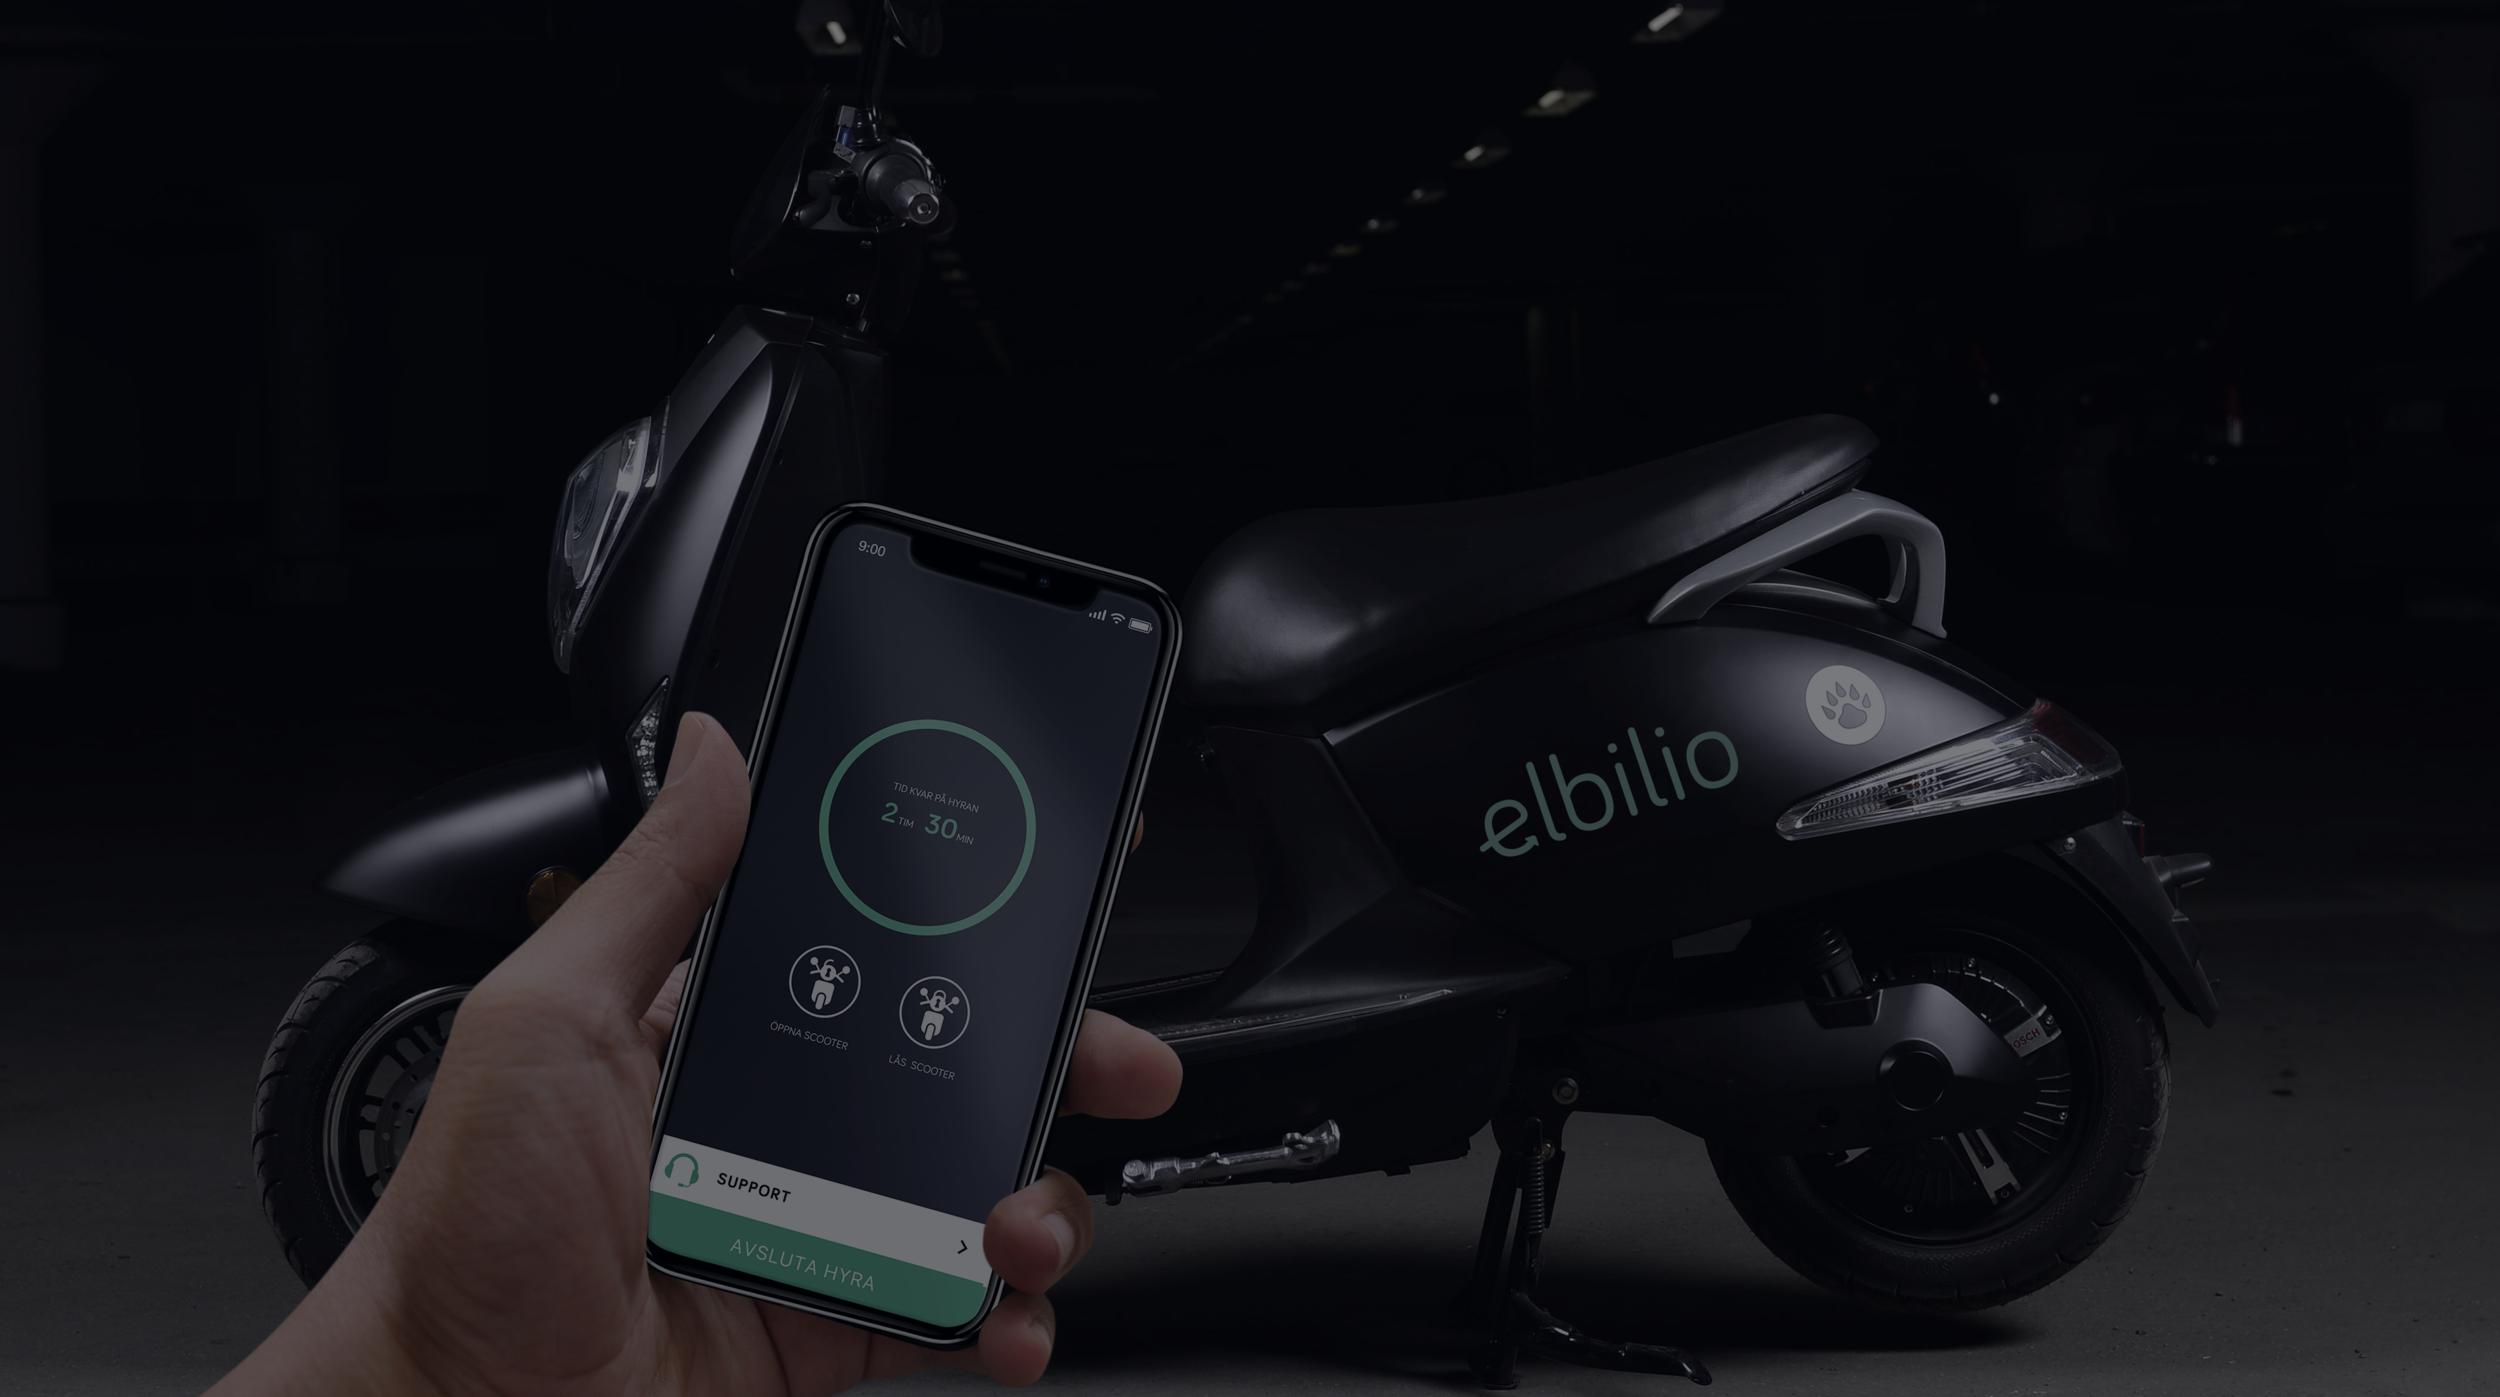 BOKA, LÅS UPP OCH KÖR IVÄG!  Tillsammans med Fabege erbjuder vi företag och hyresgäster att hyra Vässla elscooter (EU moped, 45 km/h, klass 1.)   Läs mer